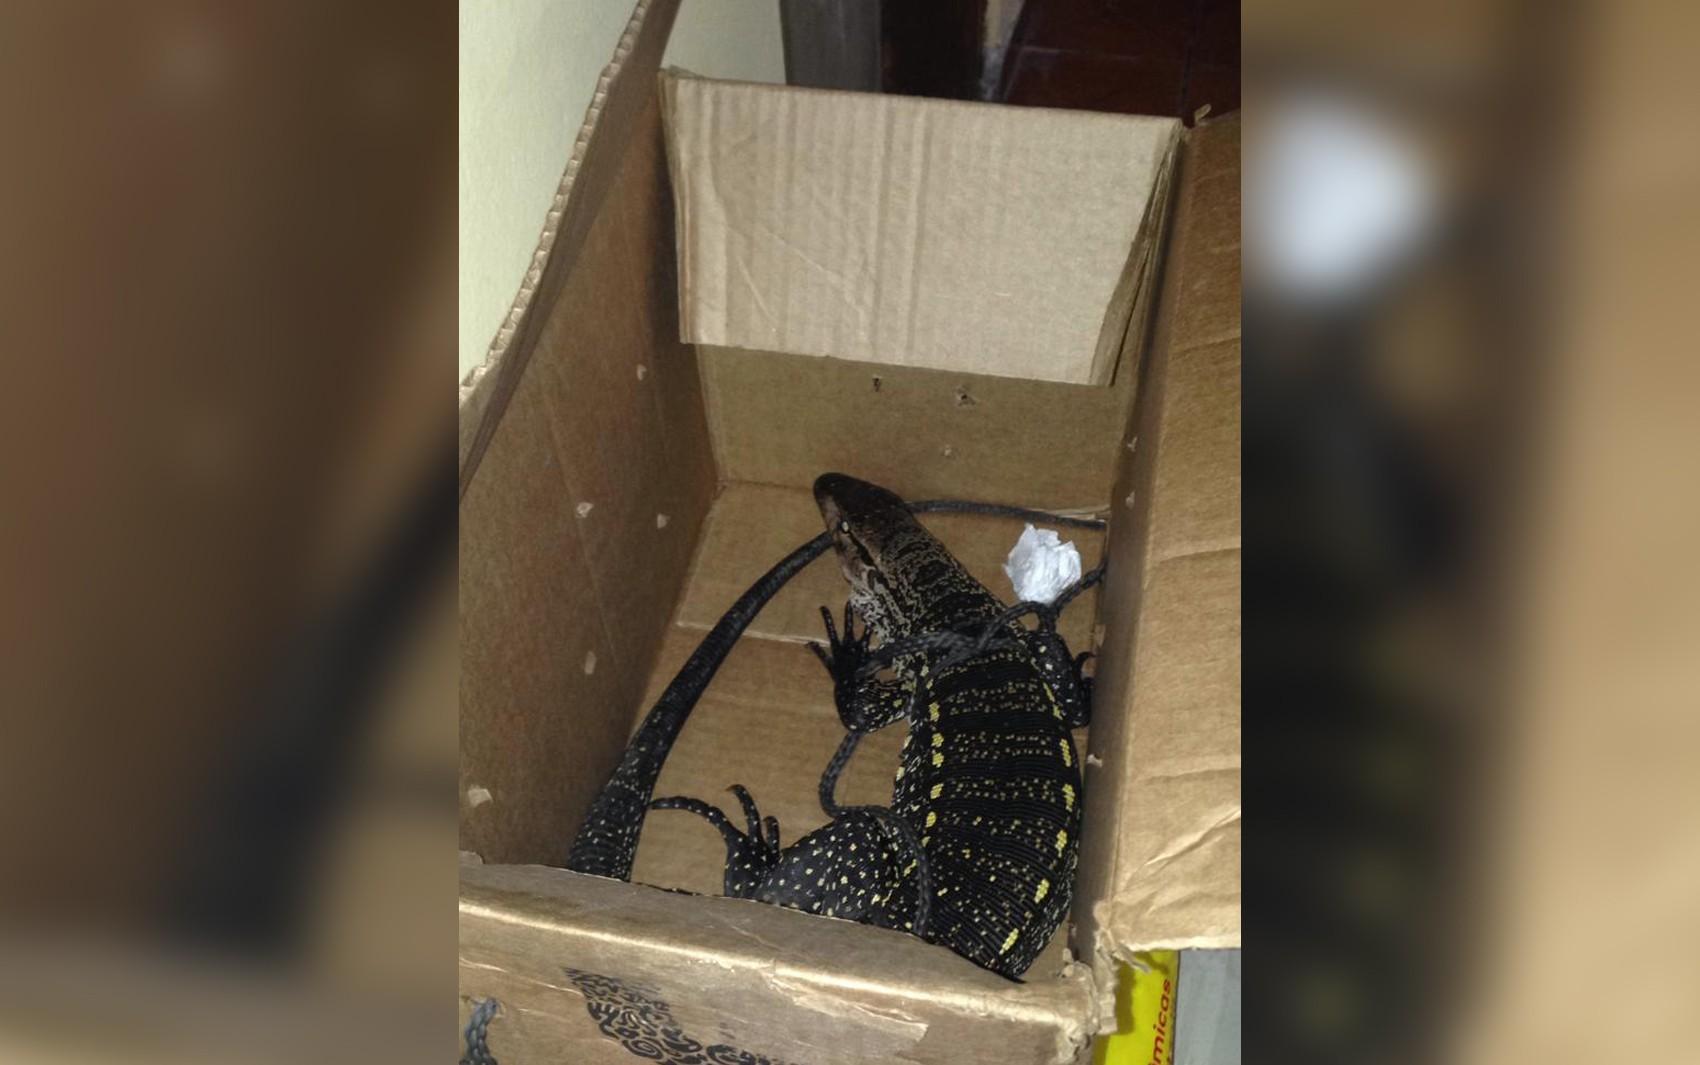 Homem salva lagarto de virar comida em SP e fica 3 dias com bicho em casa à espera de resgate